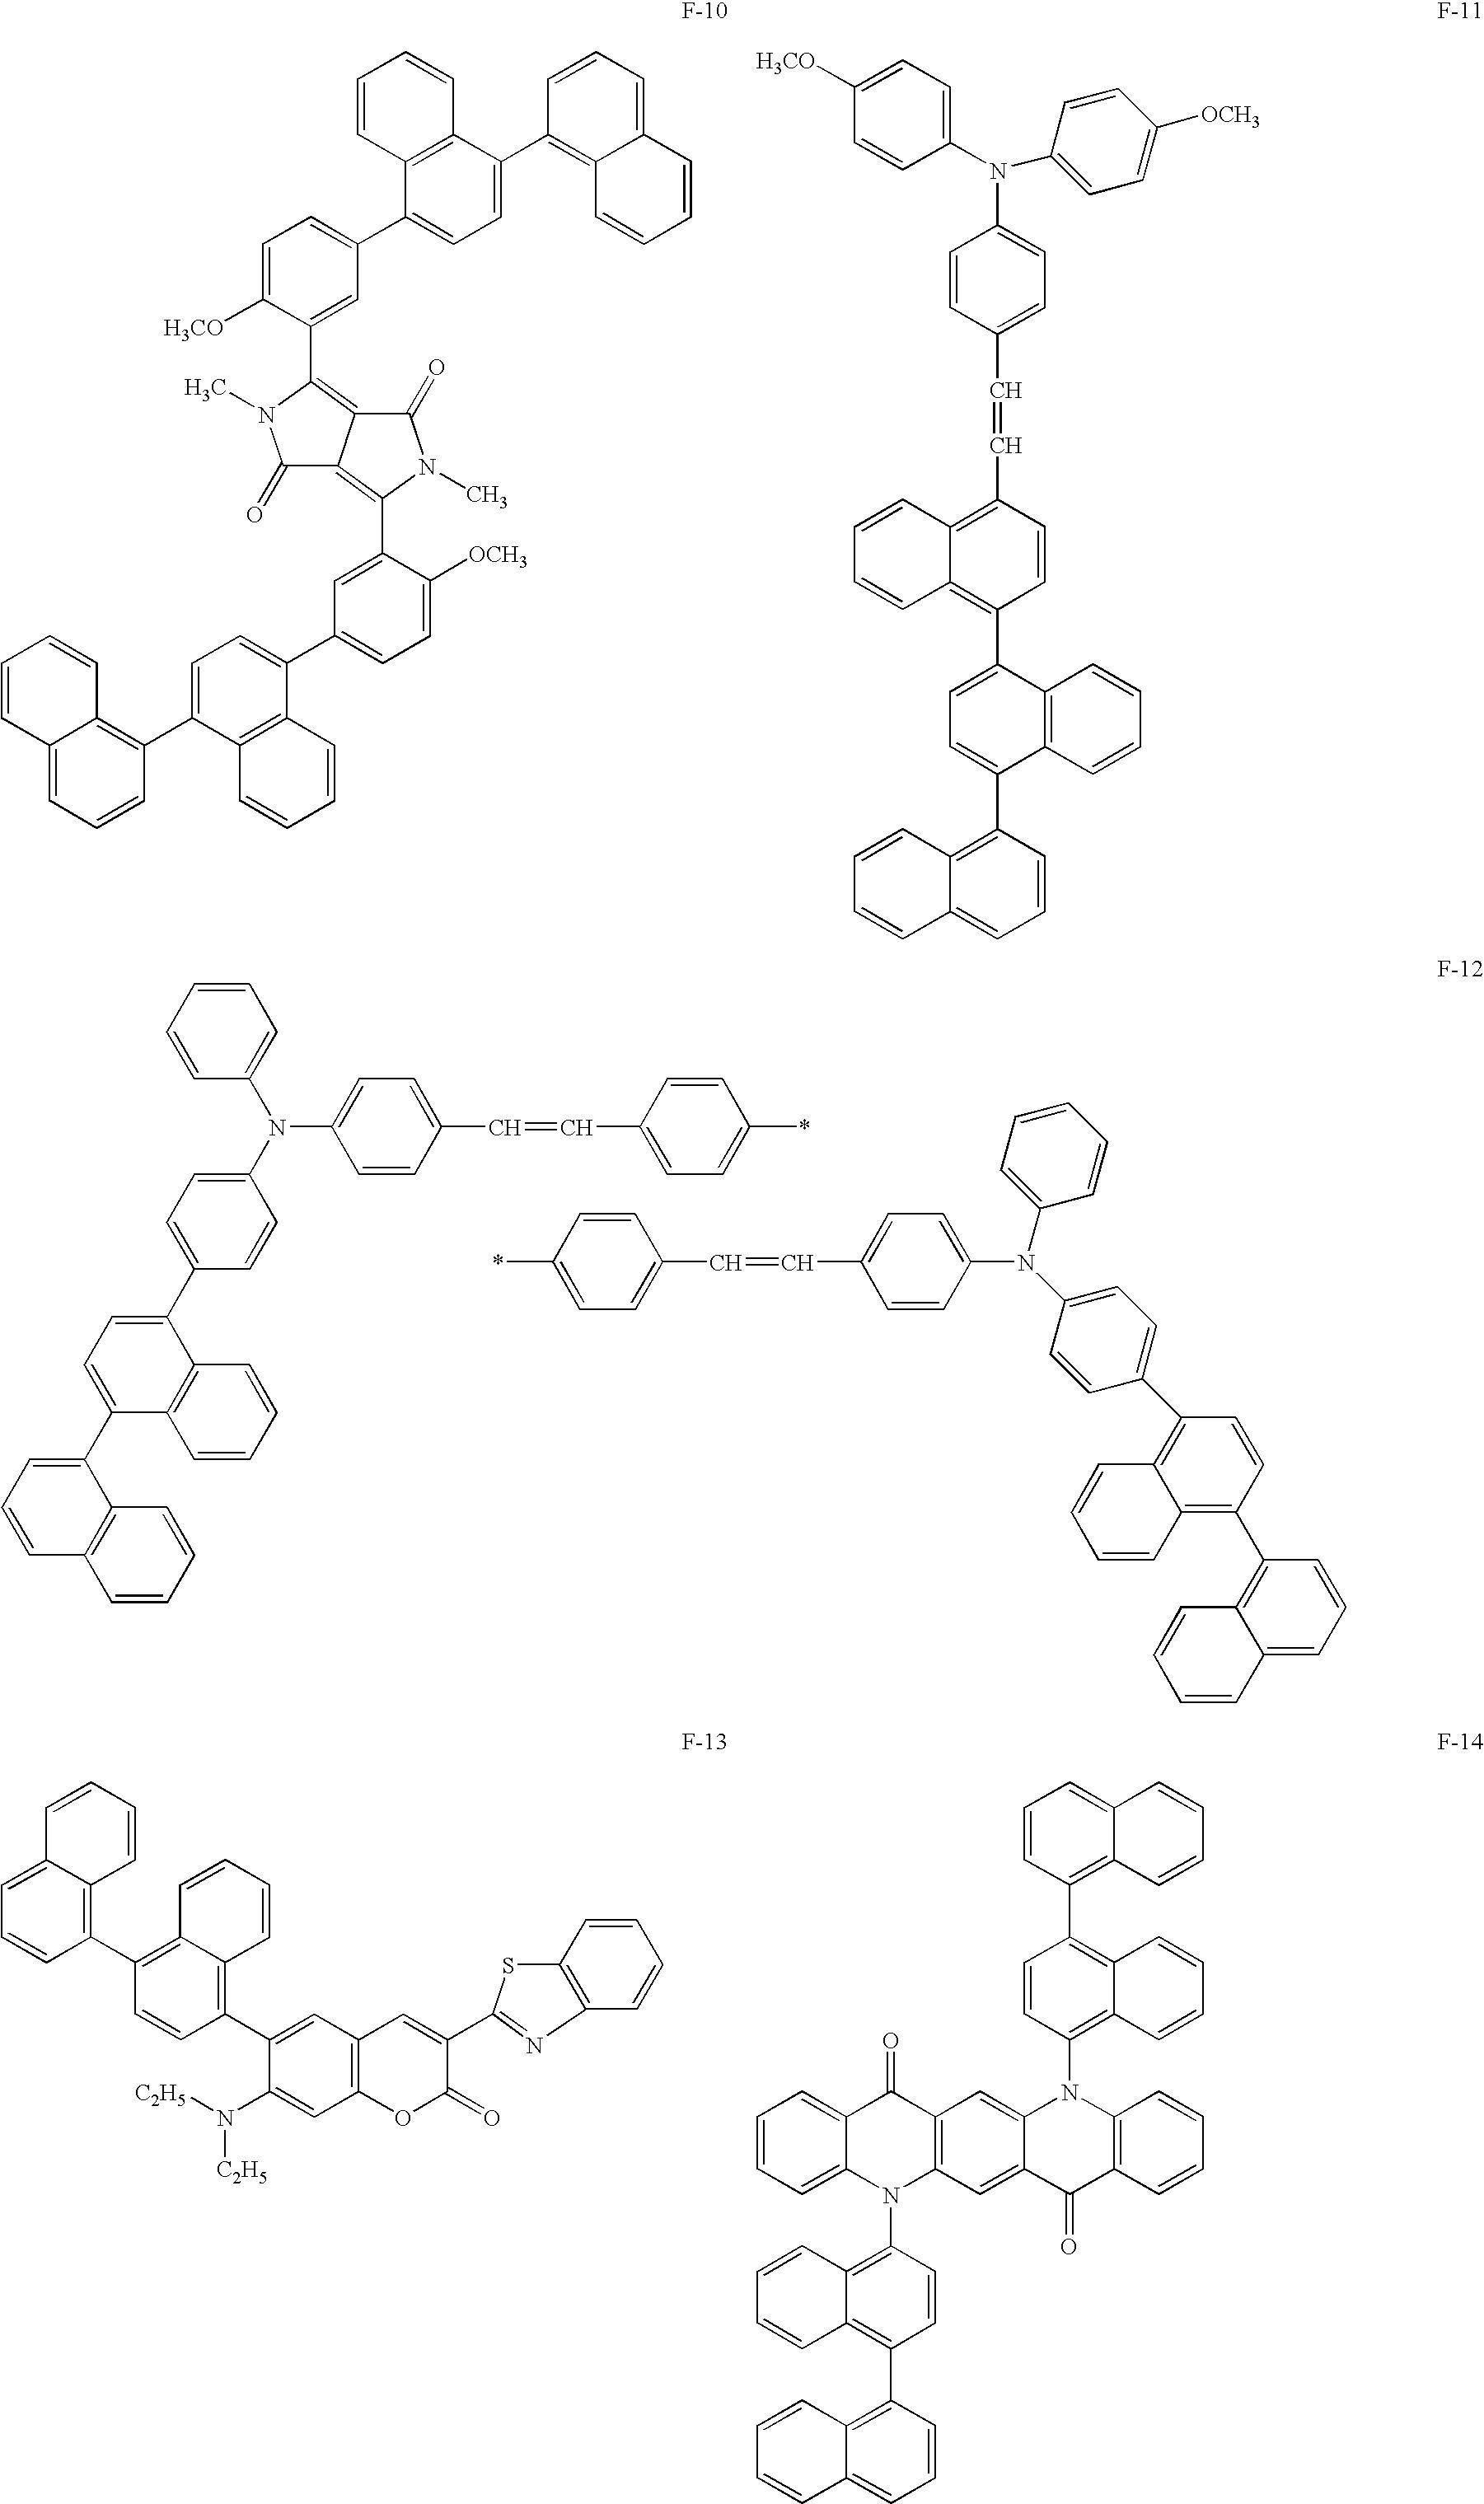 Figure US20040062951A1-20040401-C00043